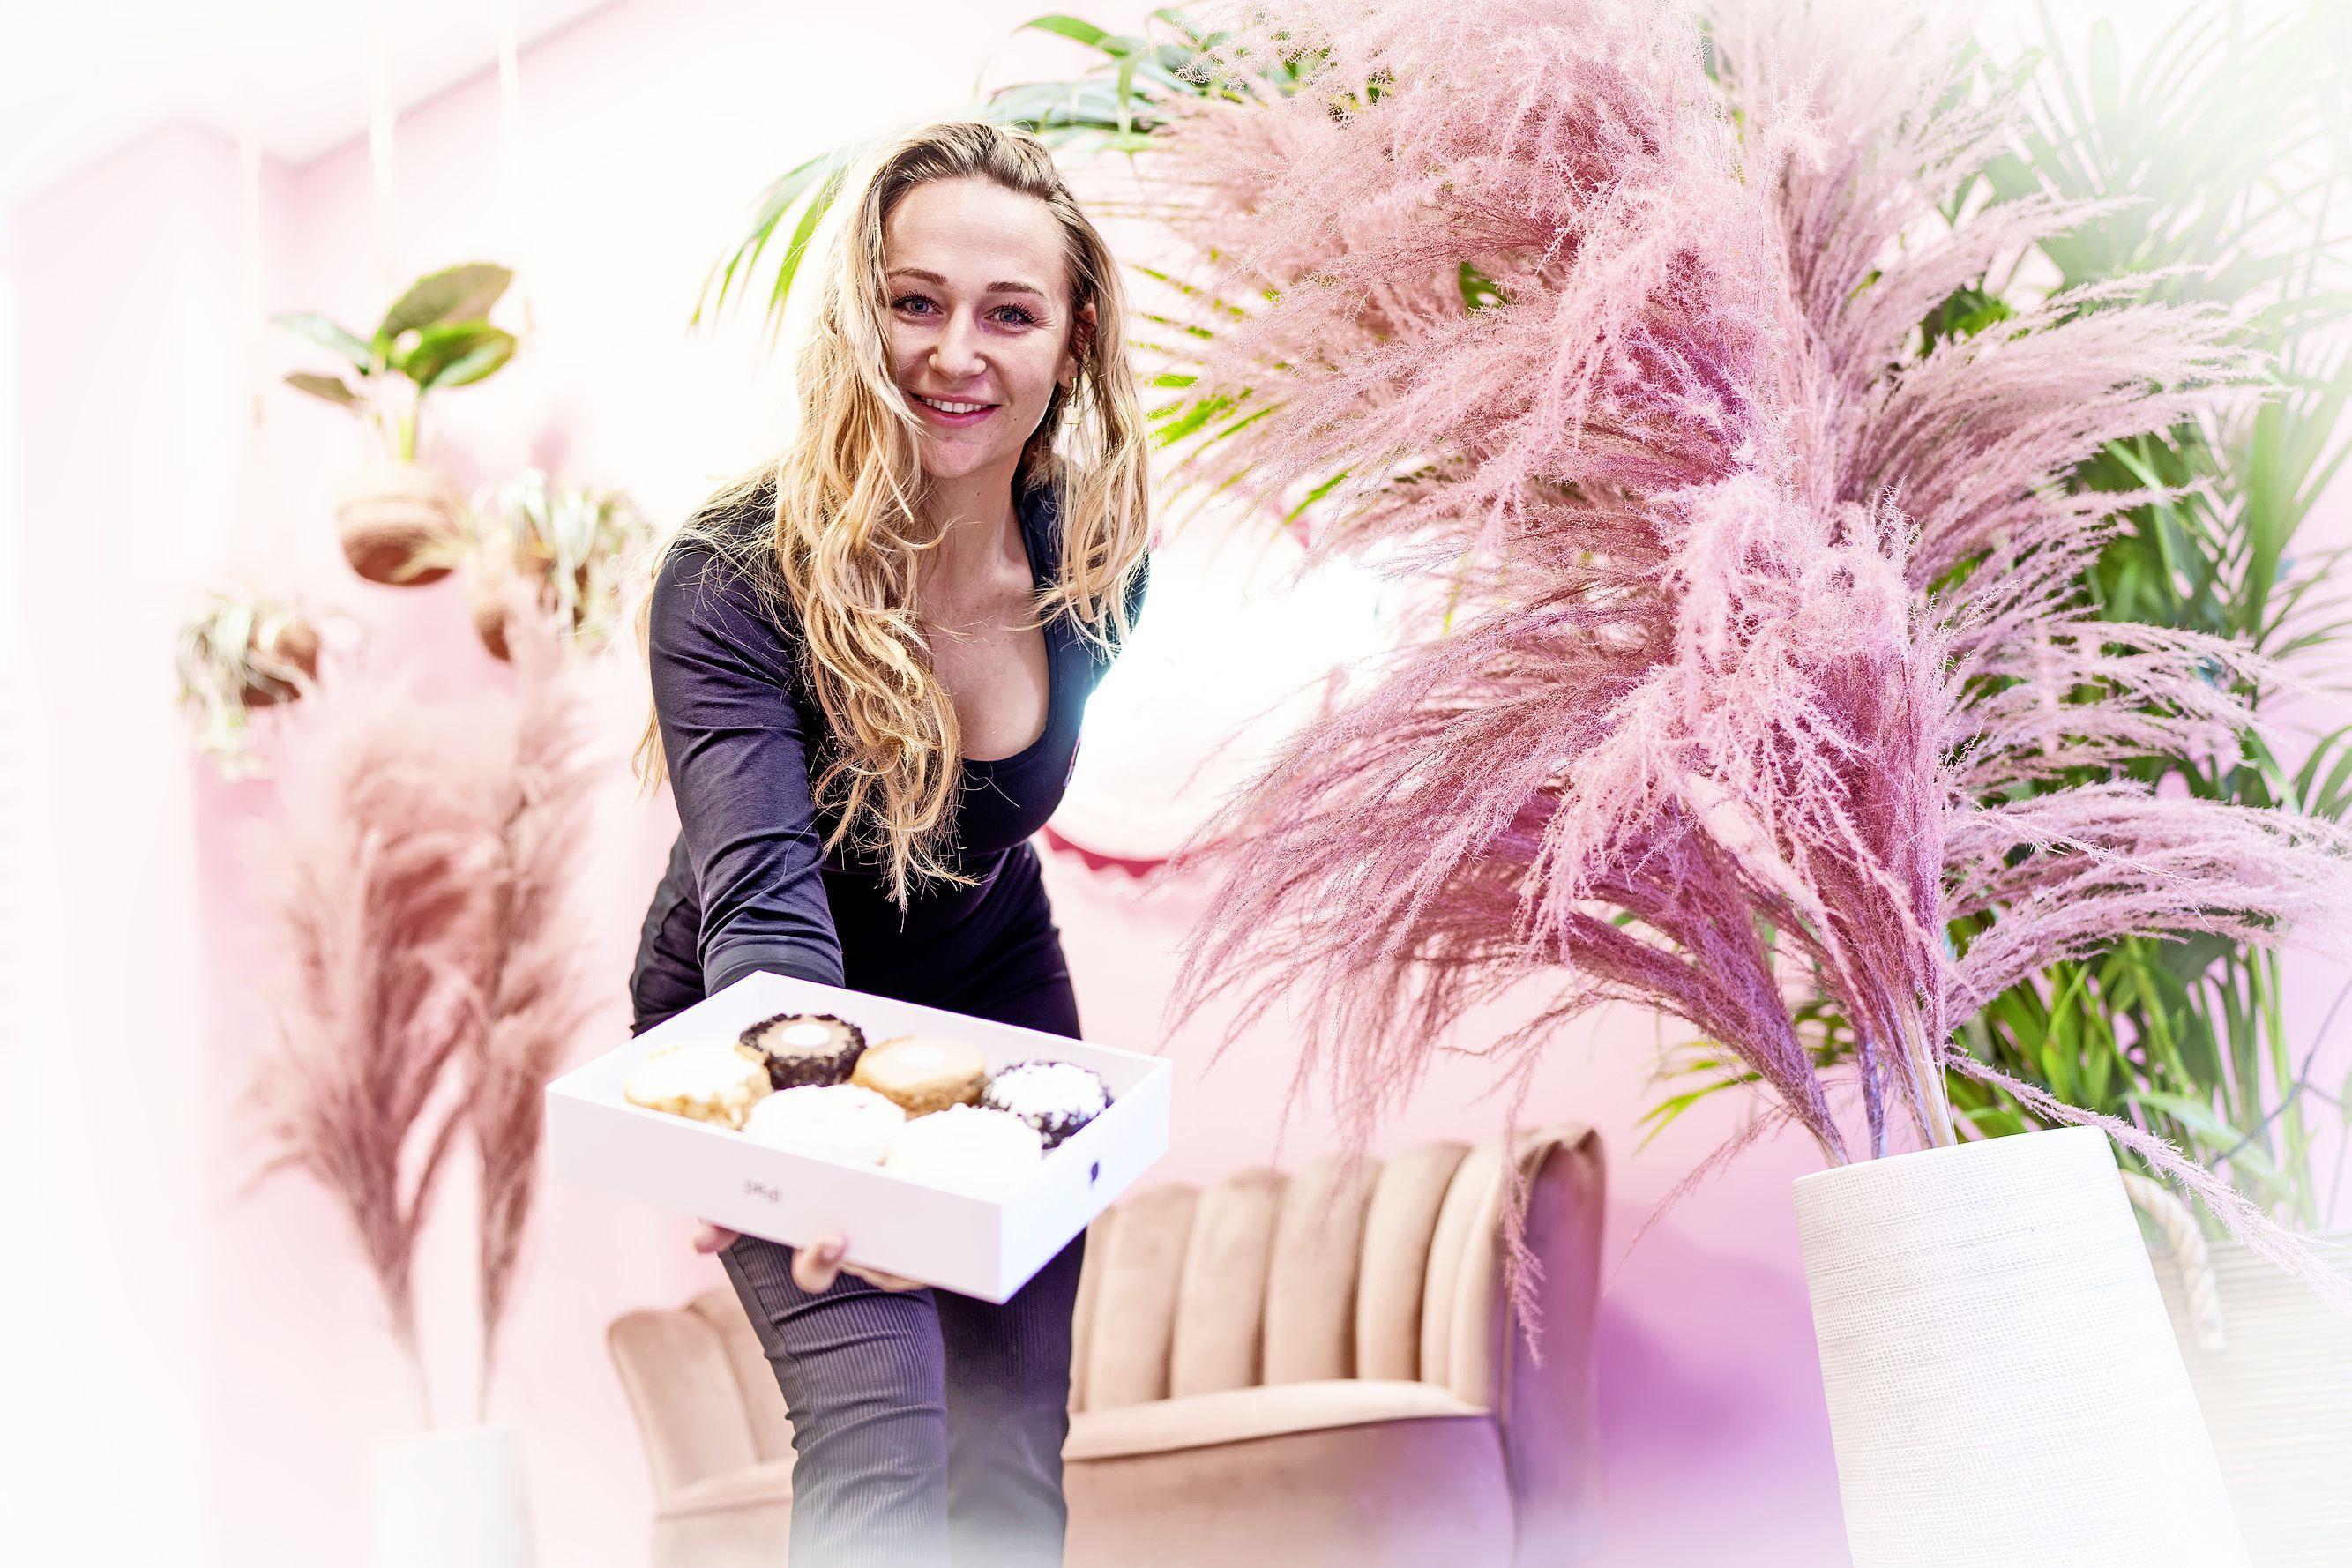 Shoppen: Eerste cupcakemerk van Nederland in de Breestraat: 'We zijn zeker dat het een groot succes gaat worden'